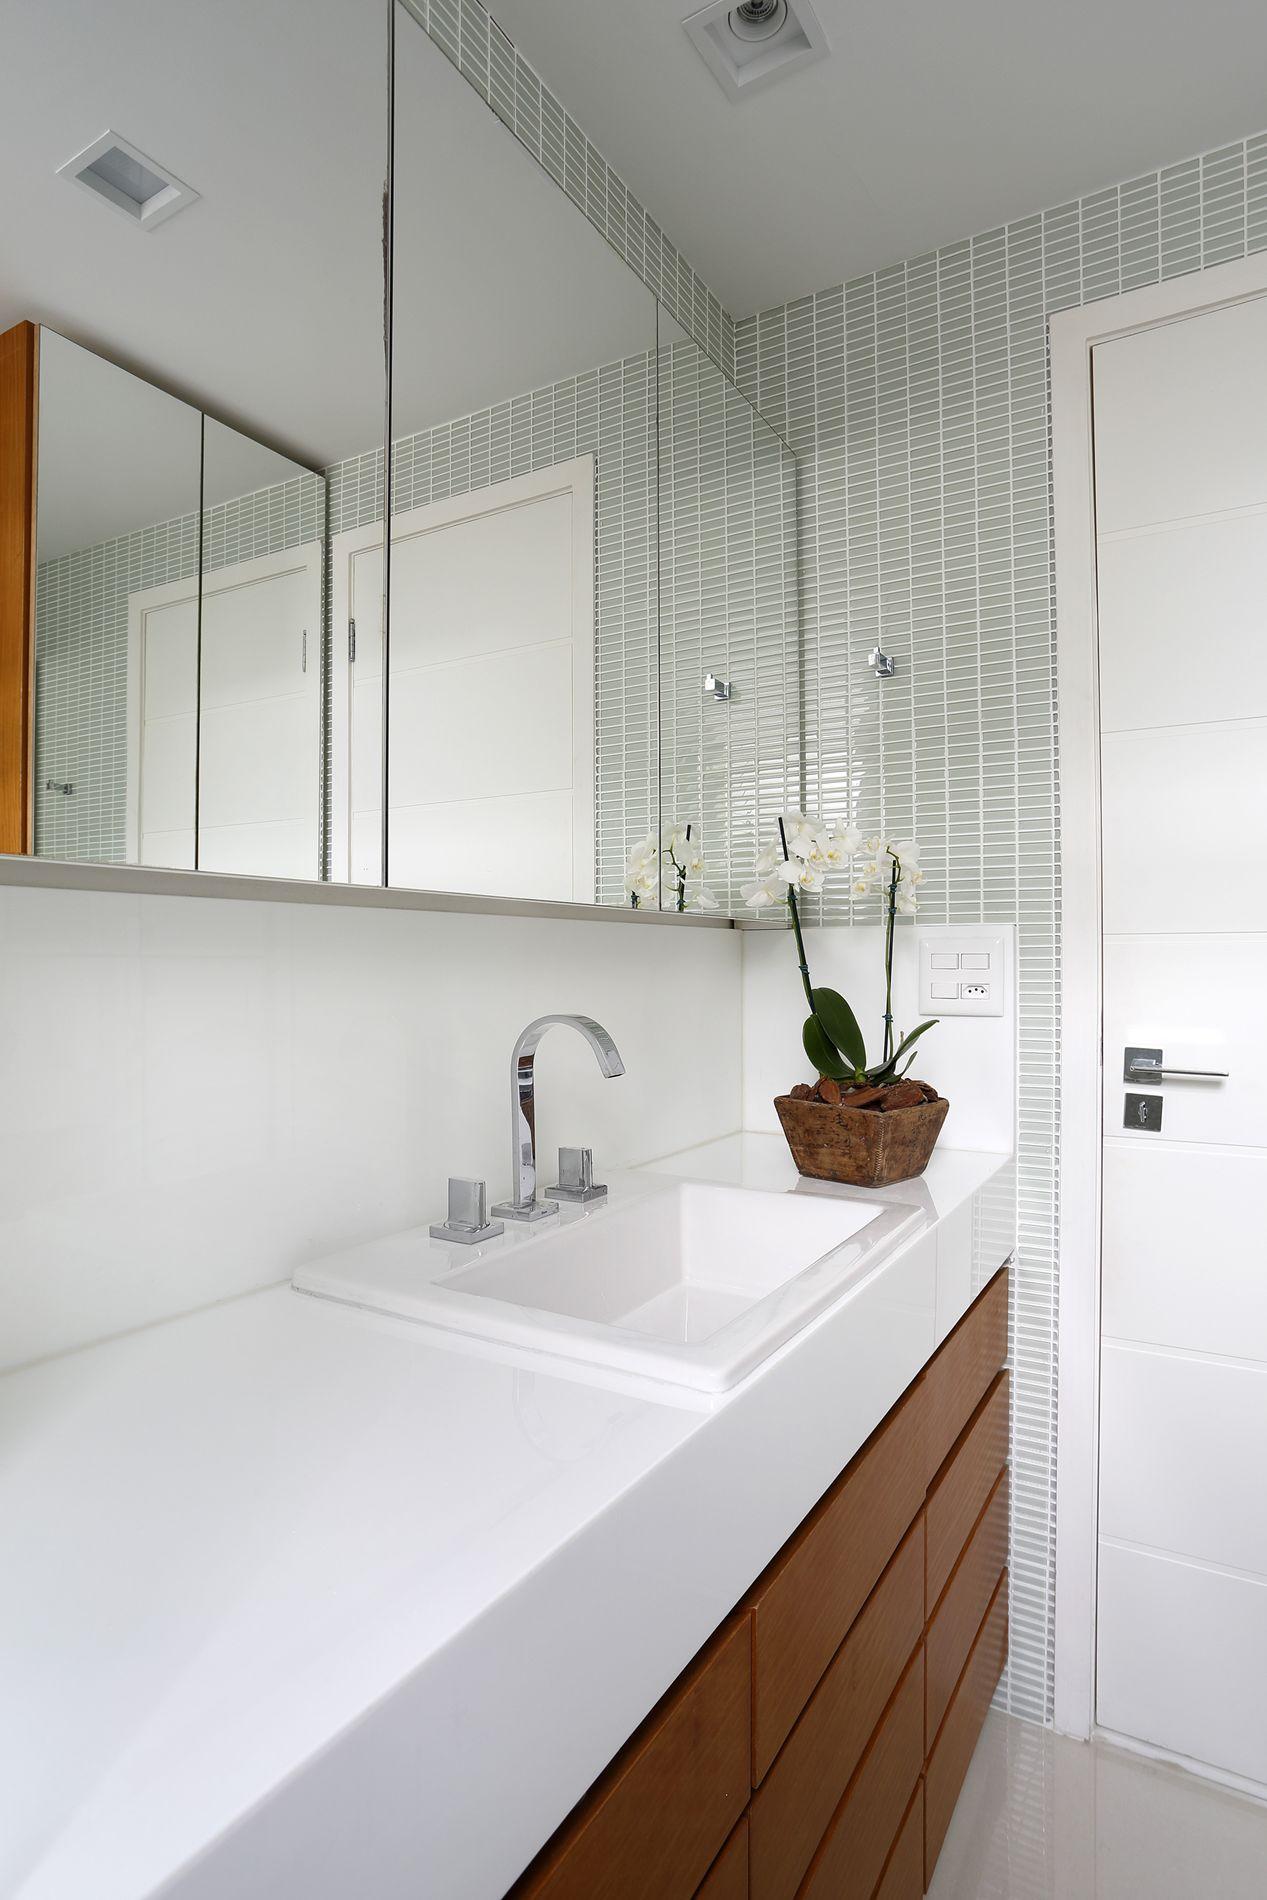 Projeto de Arquitetura e Decoração para Banheiros Pequenos em  #A86B23 1267 1900